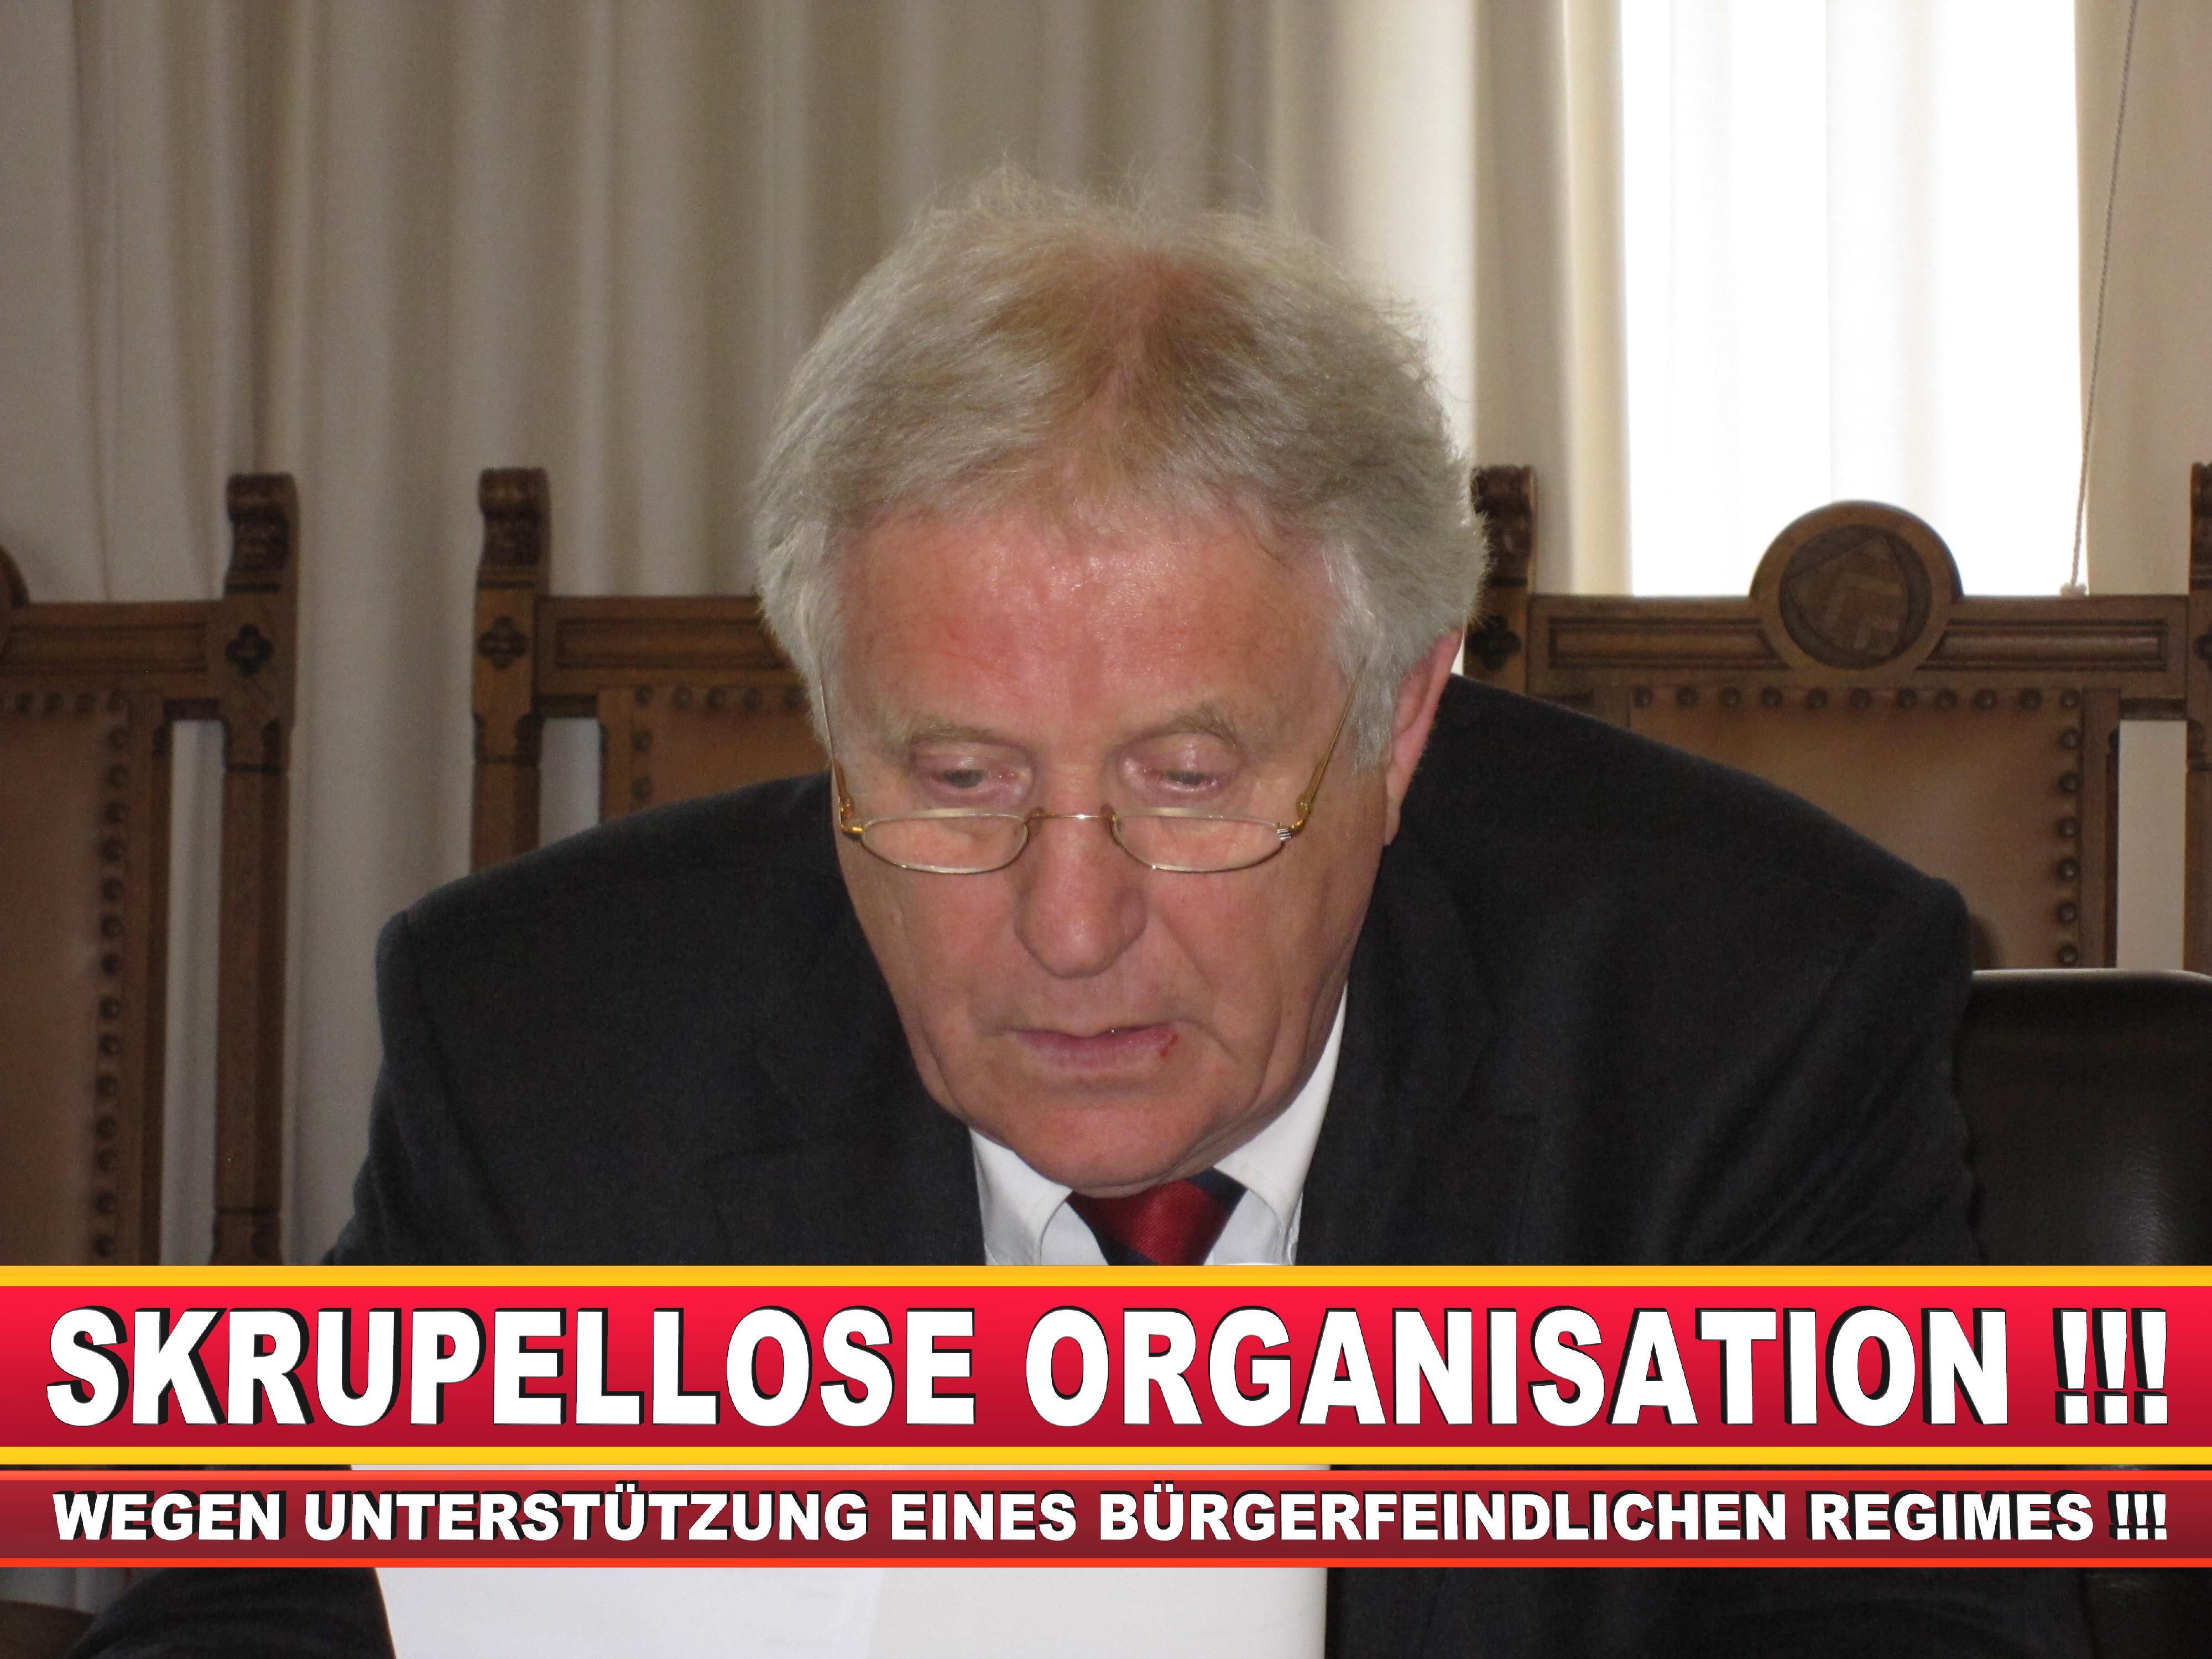 Polizeipräsident Erwin Südfeld Bielefeld Oberbürgermeister Bürgermeister Peter Clausen Pit Clausen Bielefeld (16)